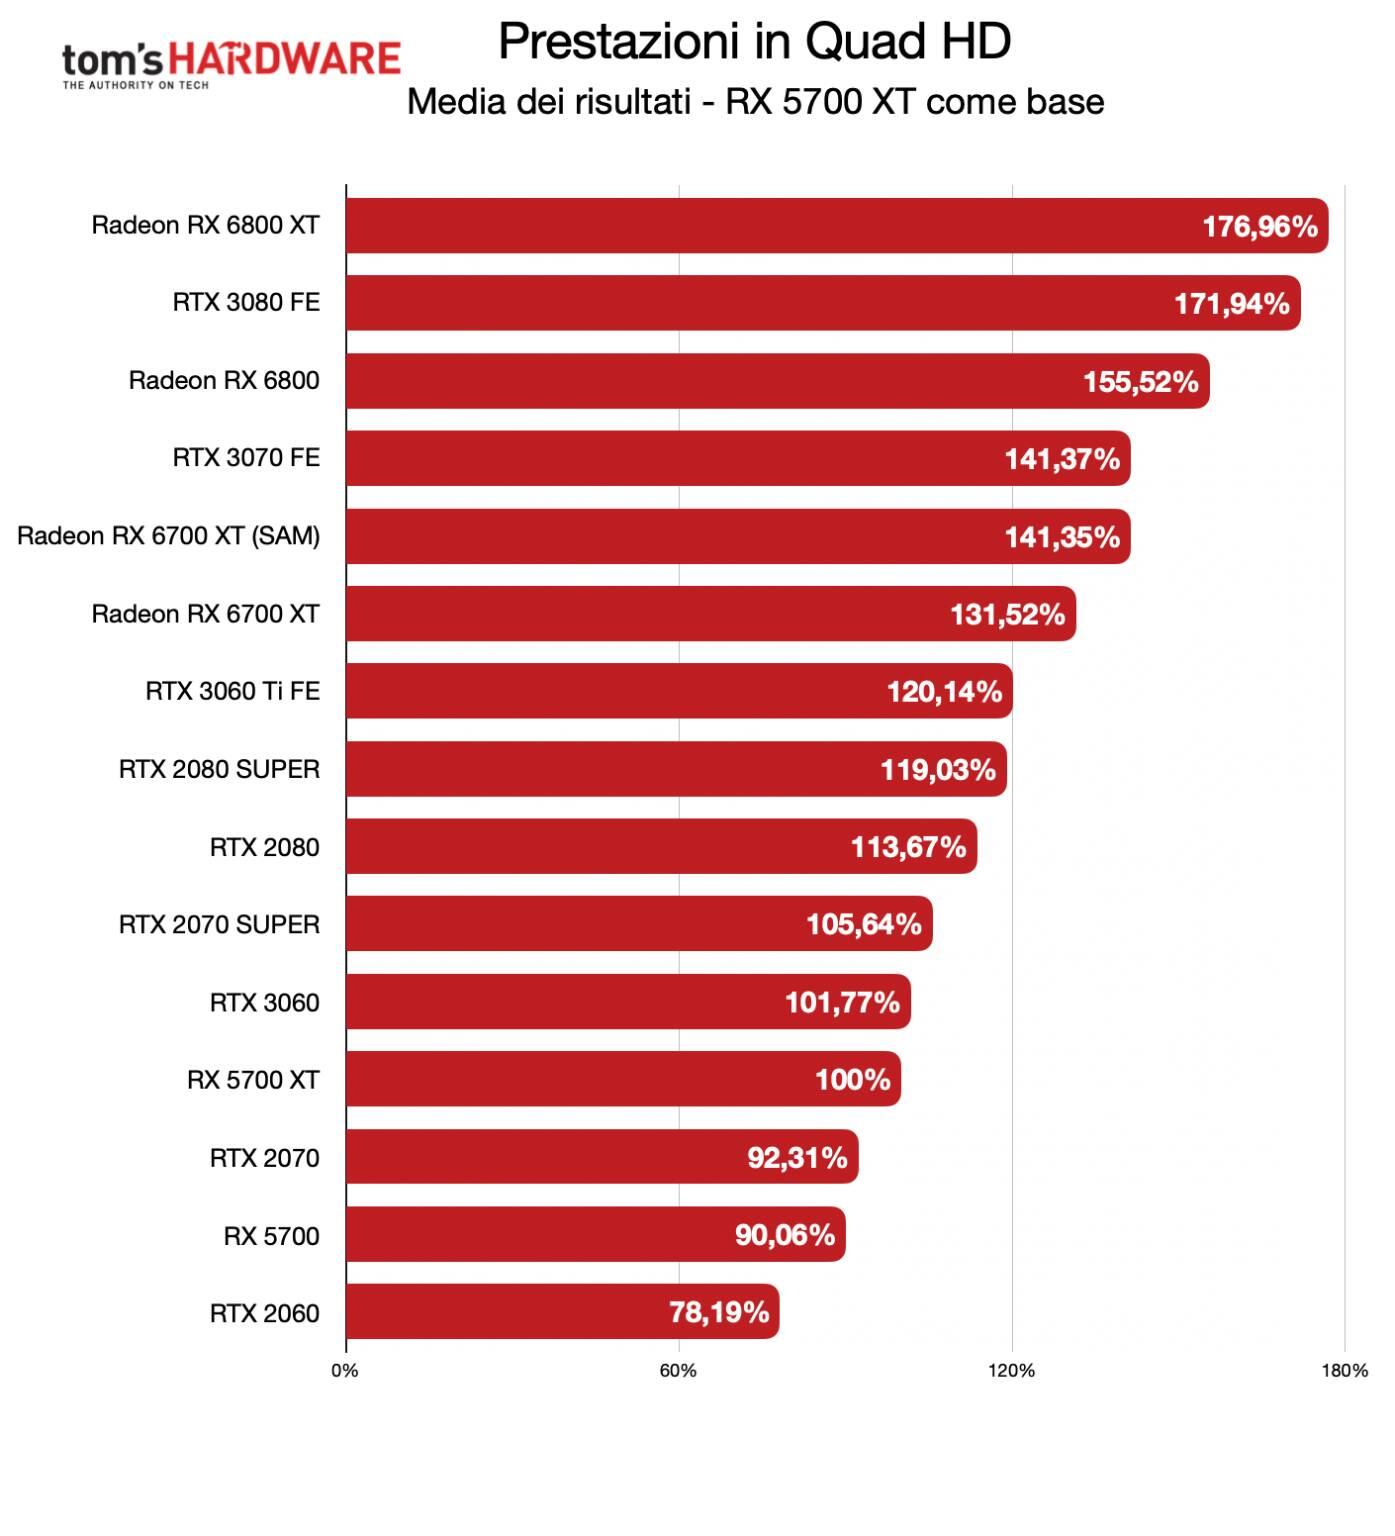 Benchmark Radeon RX 6700 XT - QHD - diff. % RX 5700 XT